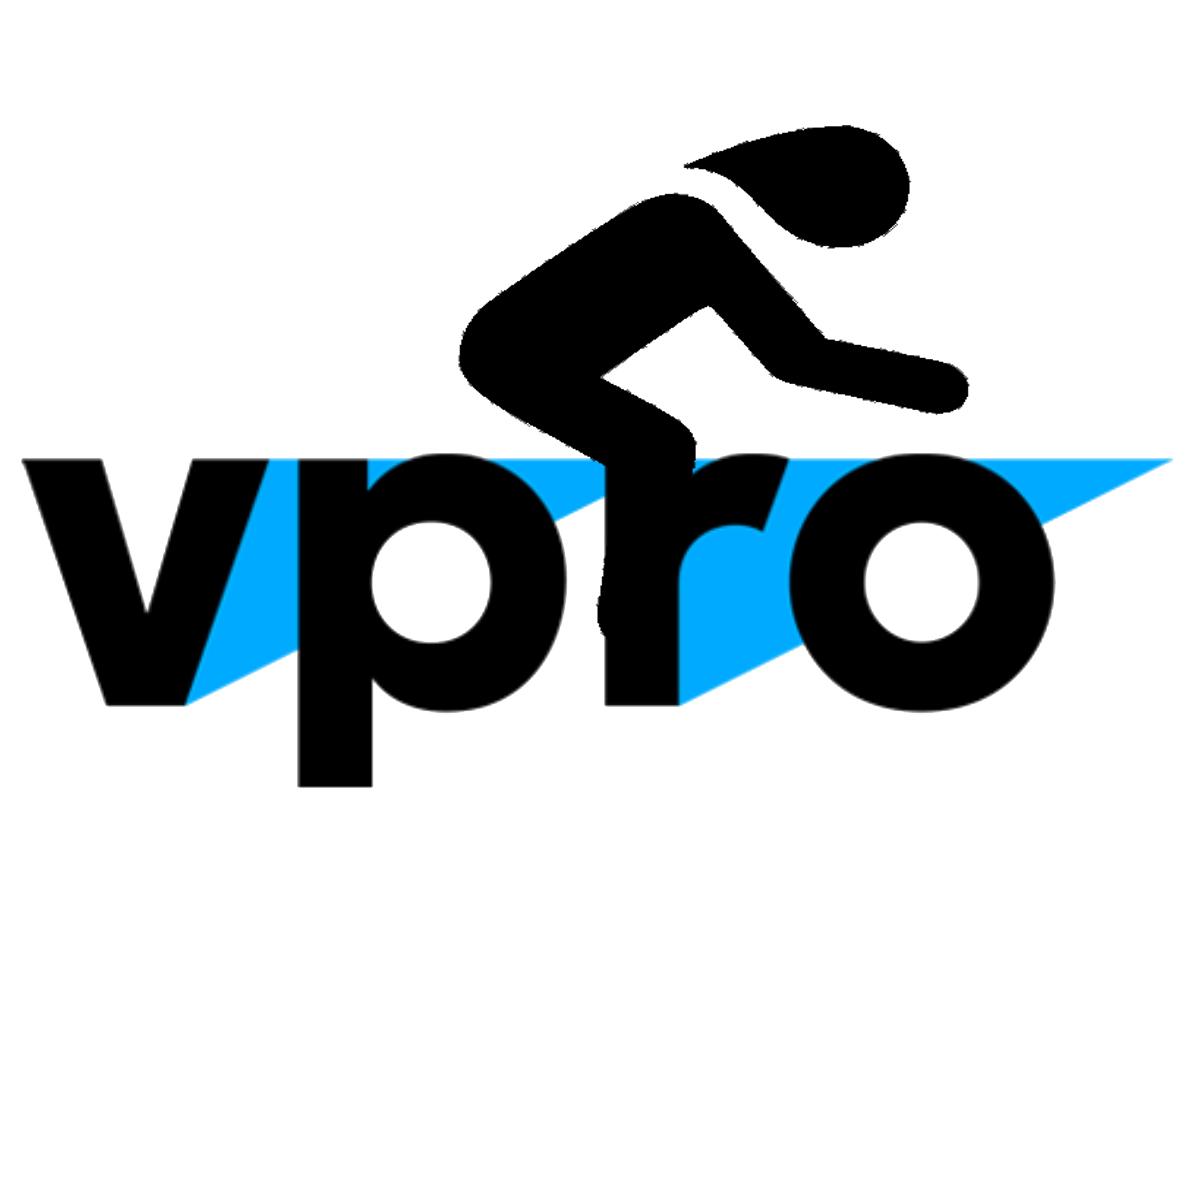 Tour de VPRO